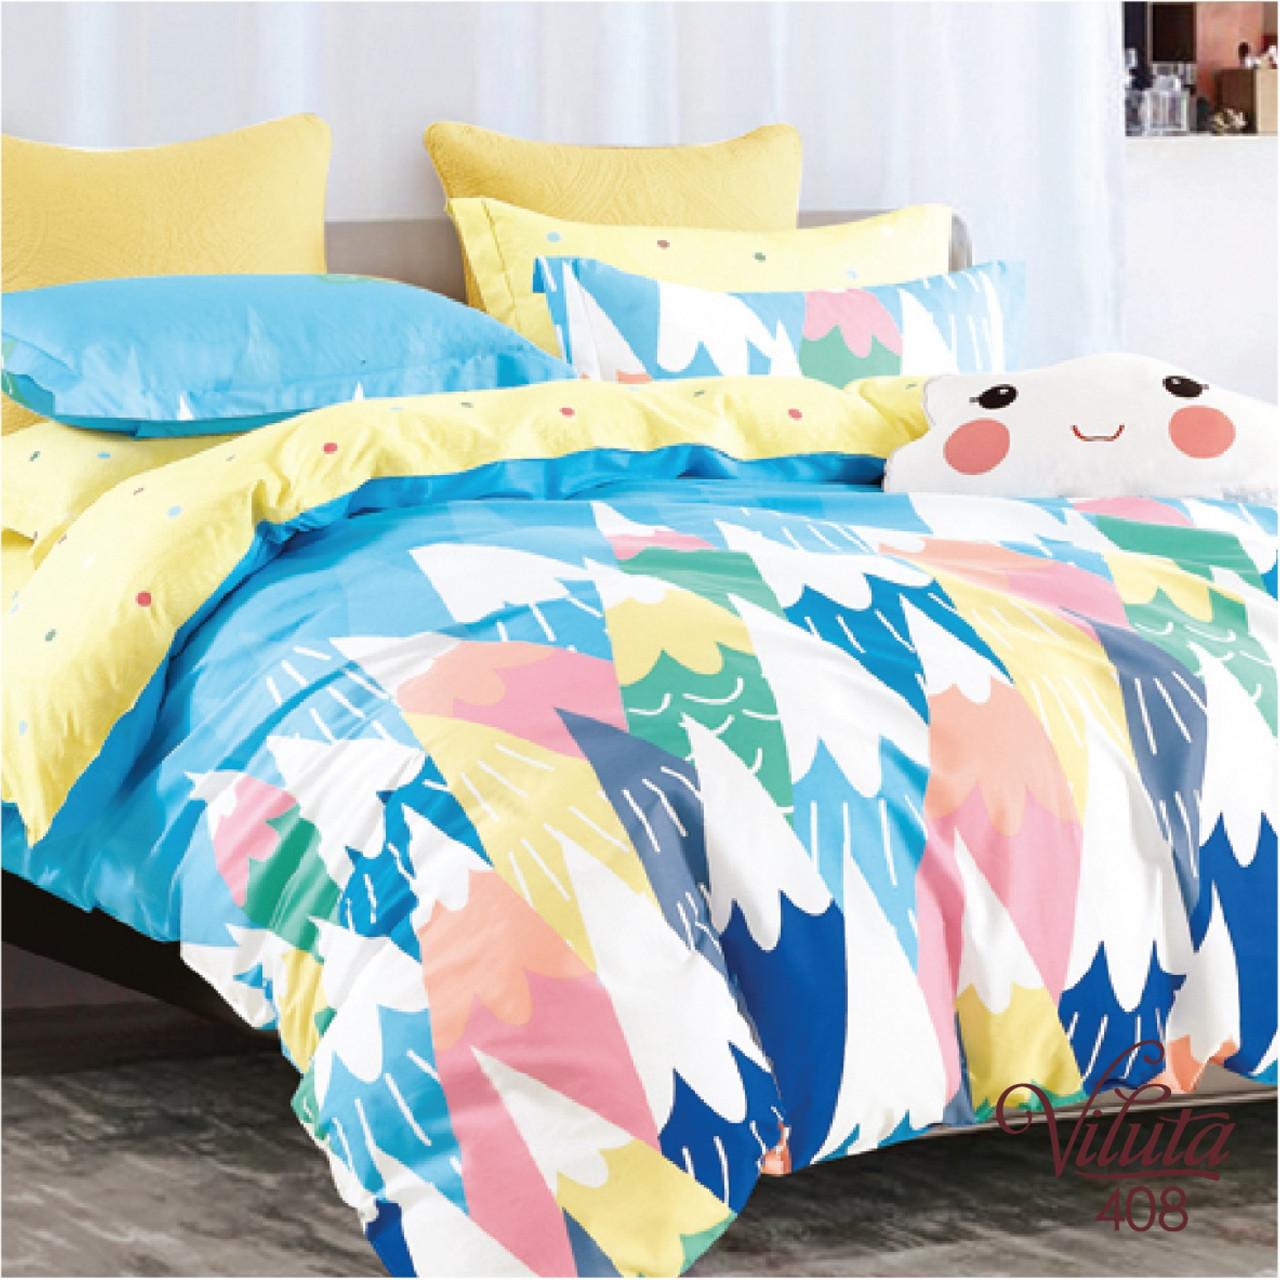 Подростковое постельное белье Viluta 408 сатин 143*205